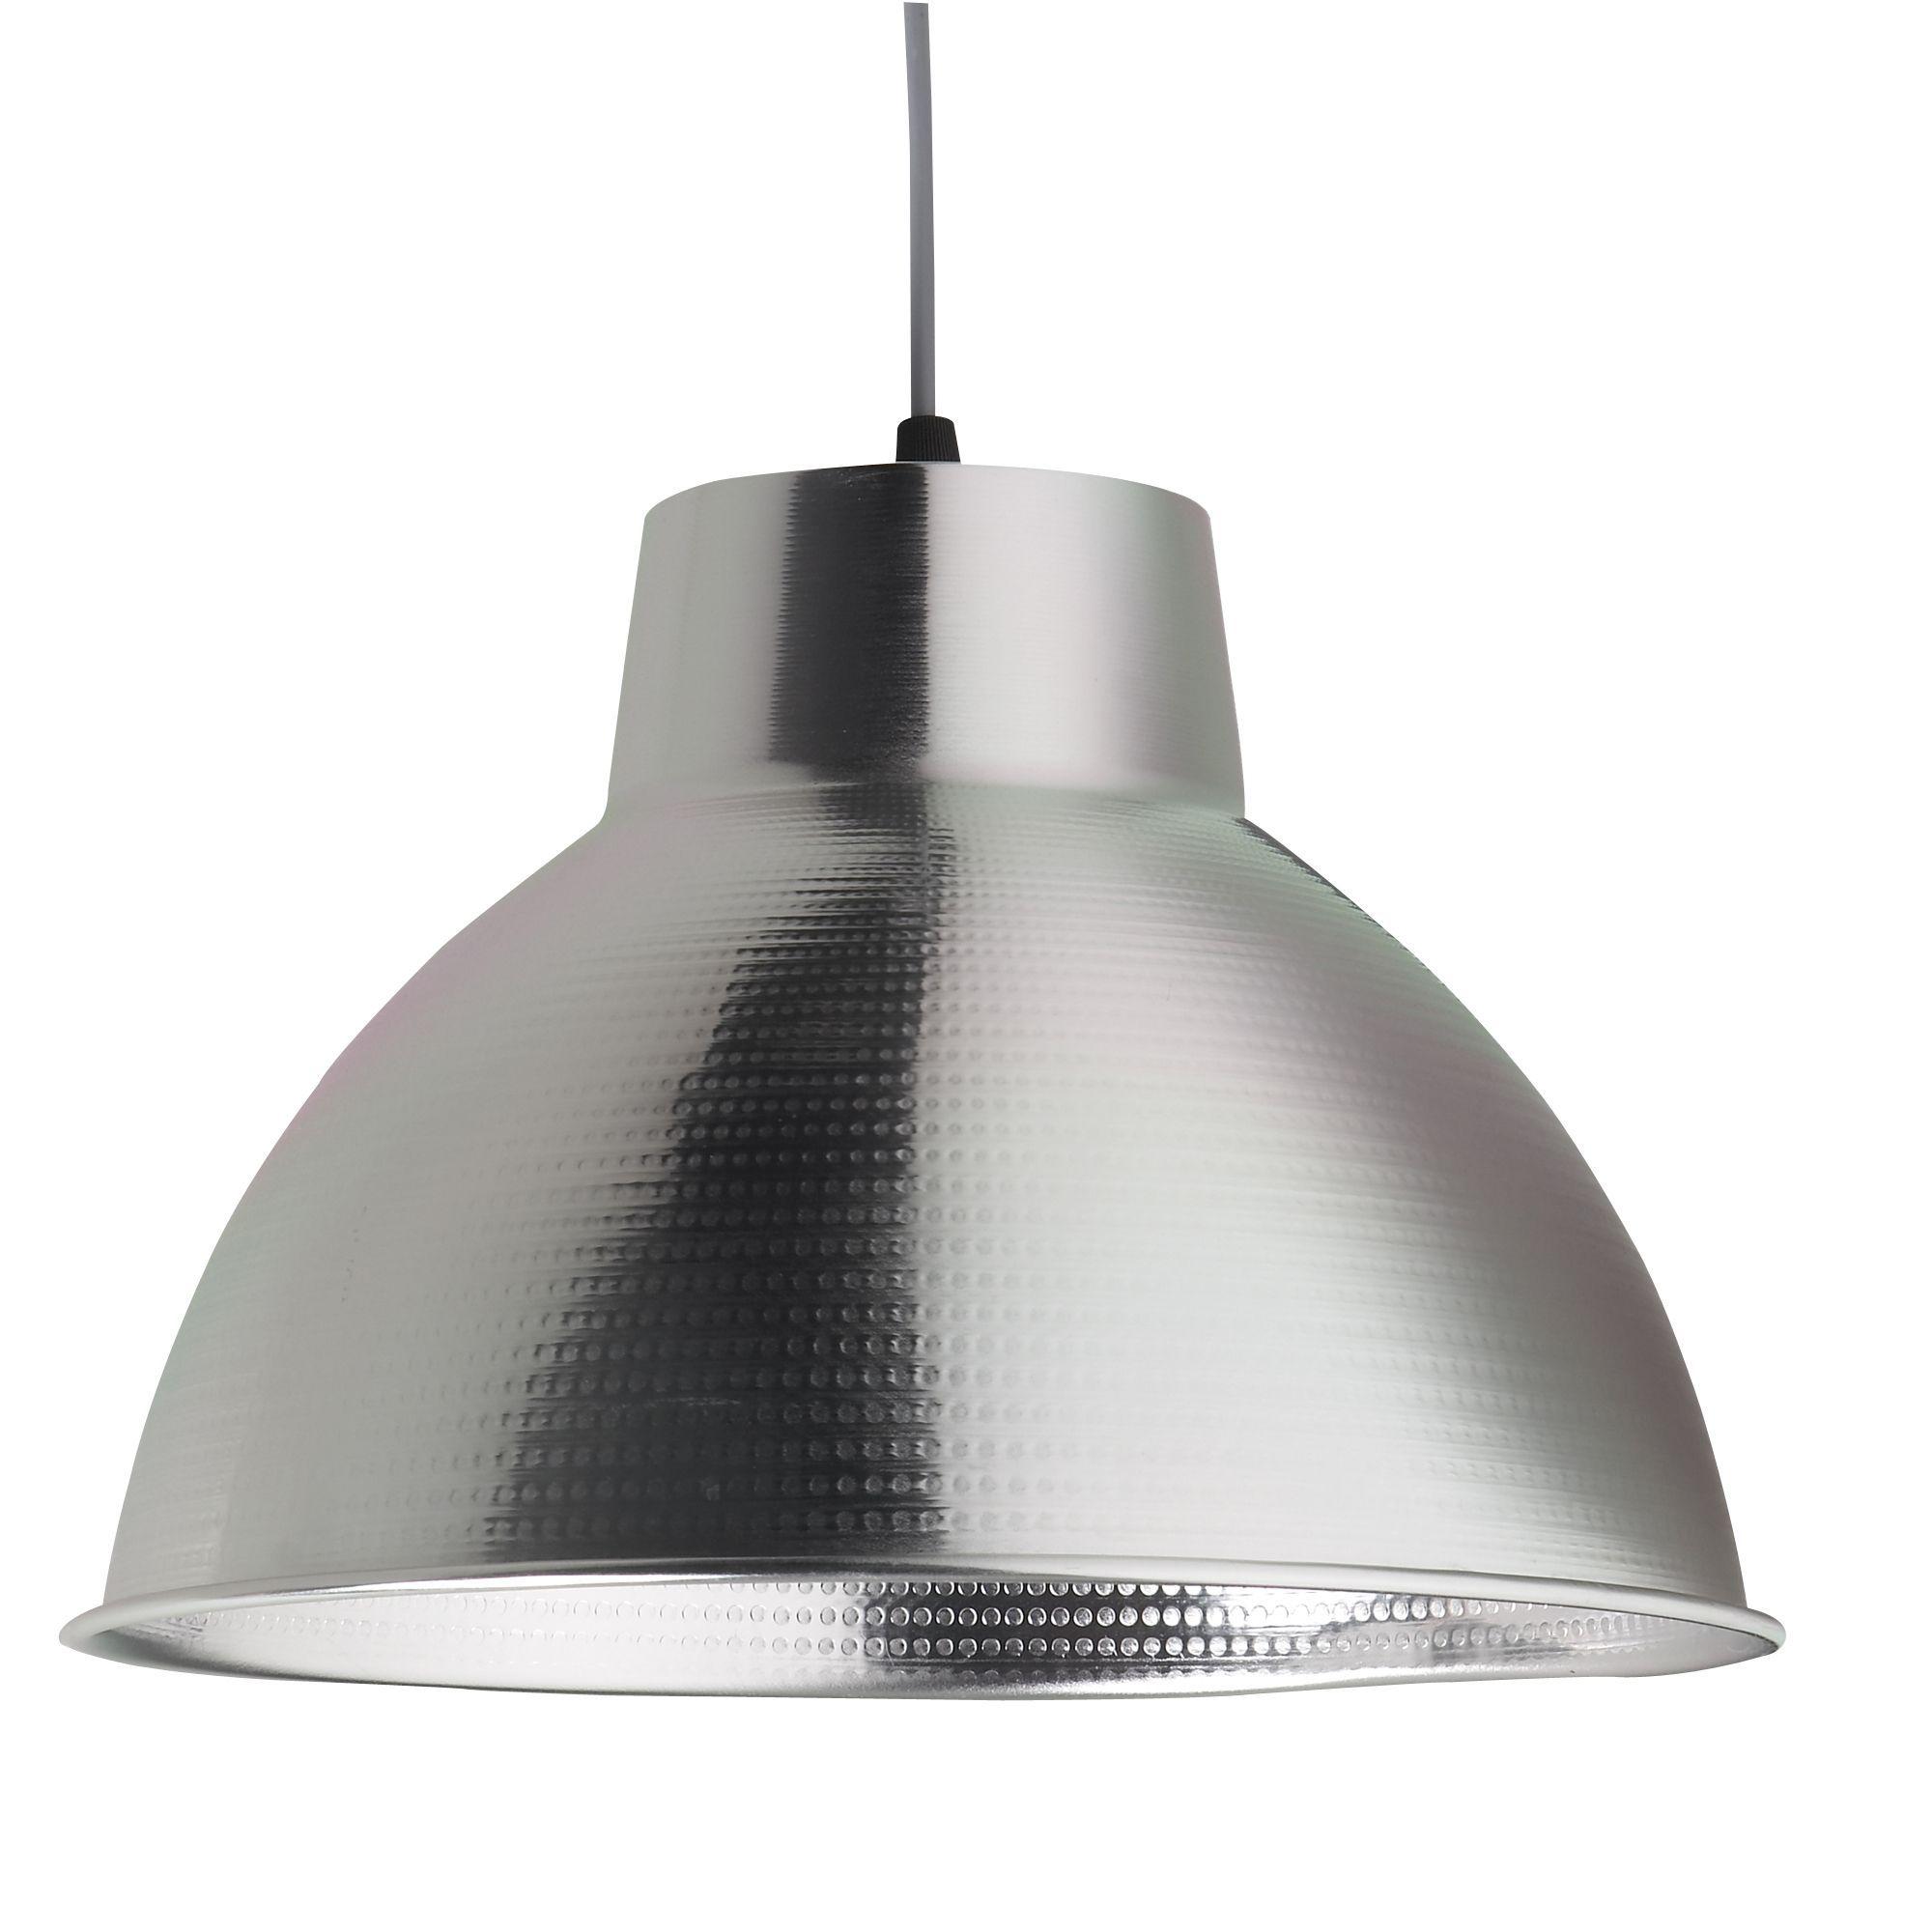 suspension en m tal gris box luminaire les suspensions. Black Bedroom Furniture Sets. Home Design Ideas